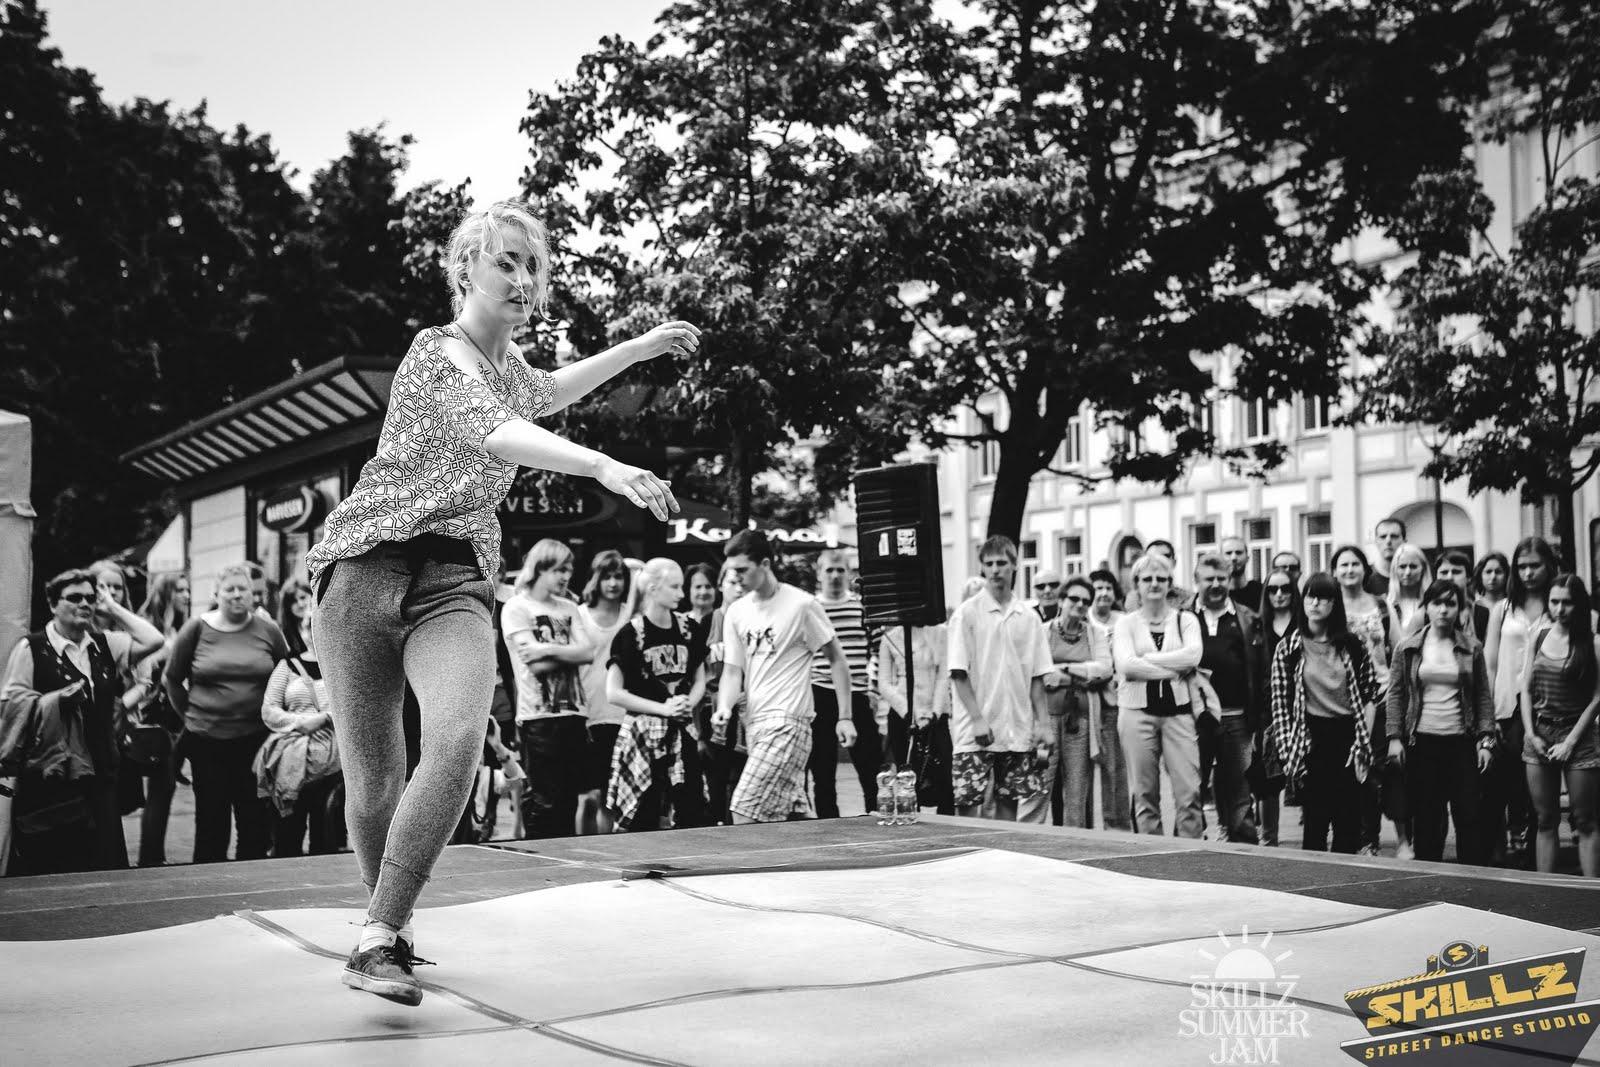 SKILLZ Summer jam 2014 - _MG_1805.jpg